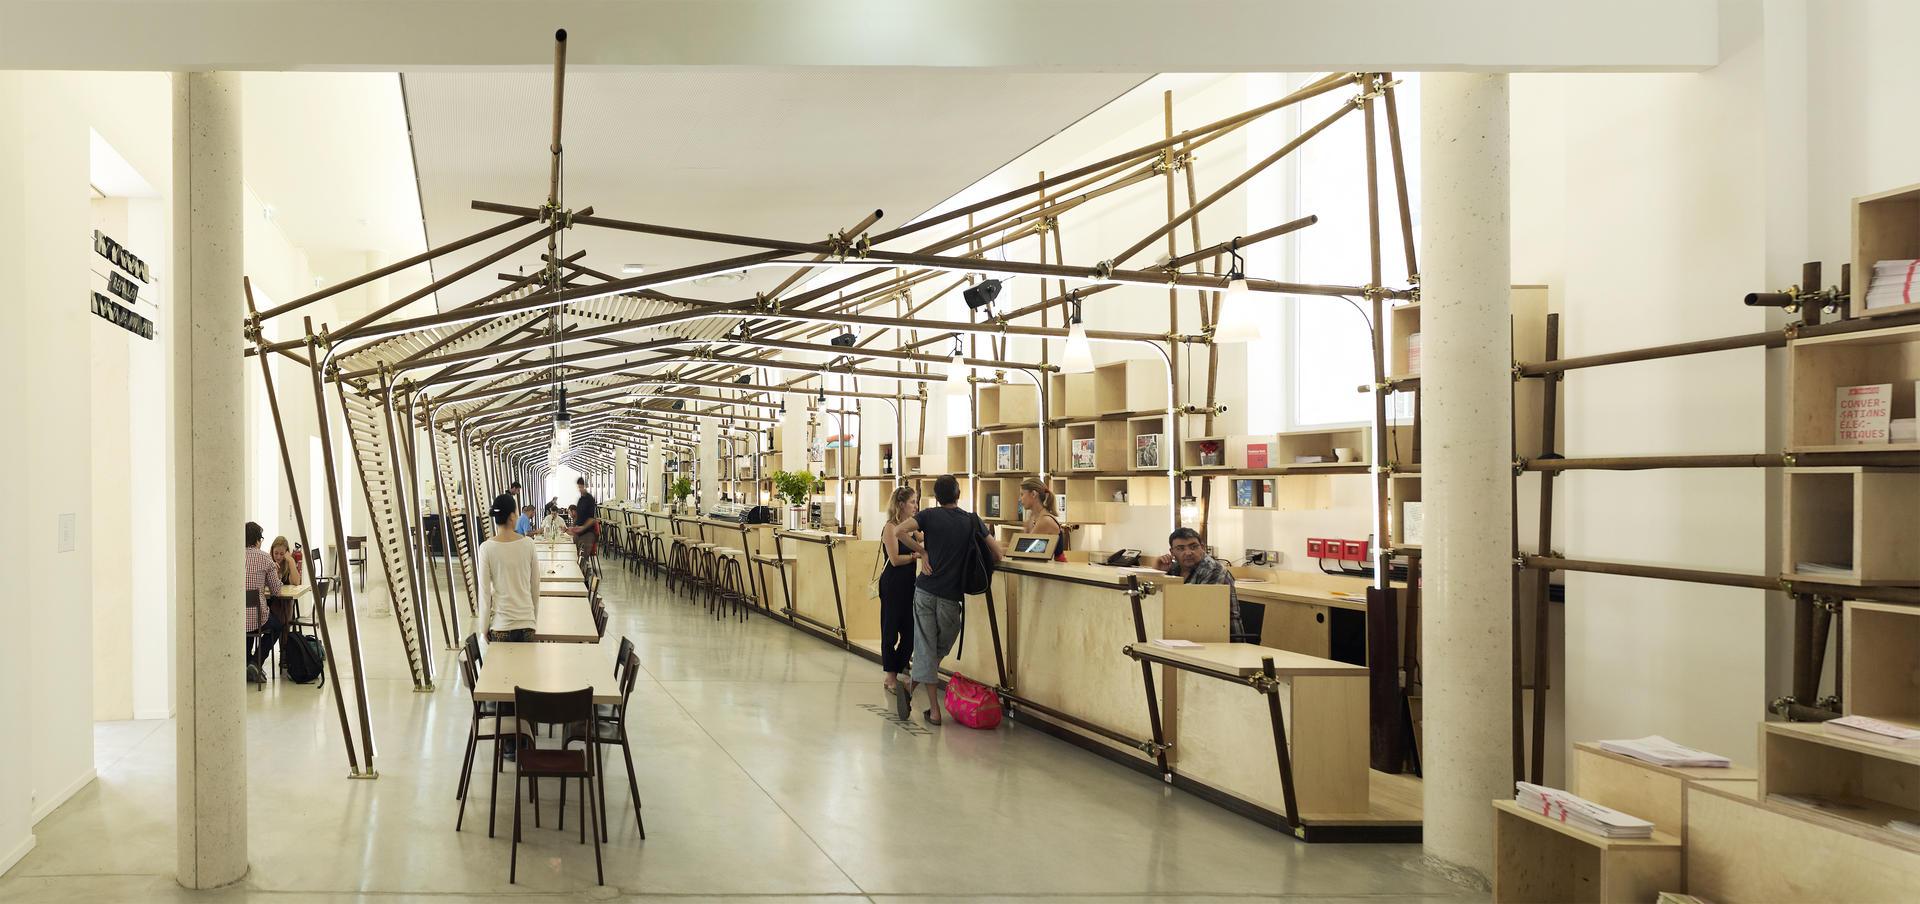 la panac e centre d 39 art contemporain ville de montpellier. Black Bedroom Furniture Sets. Home Design Ideas